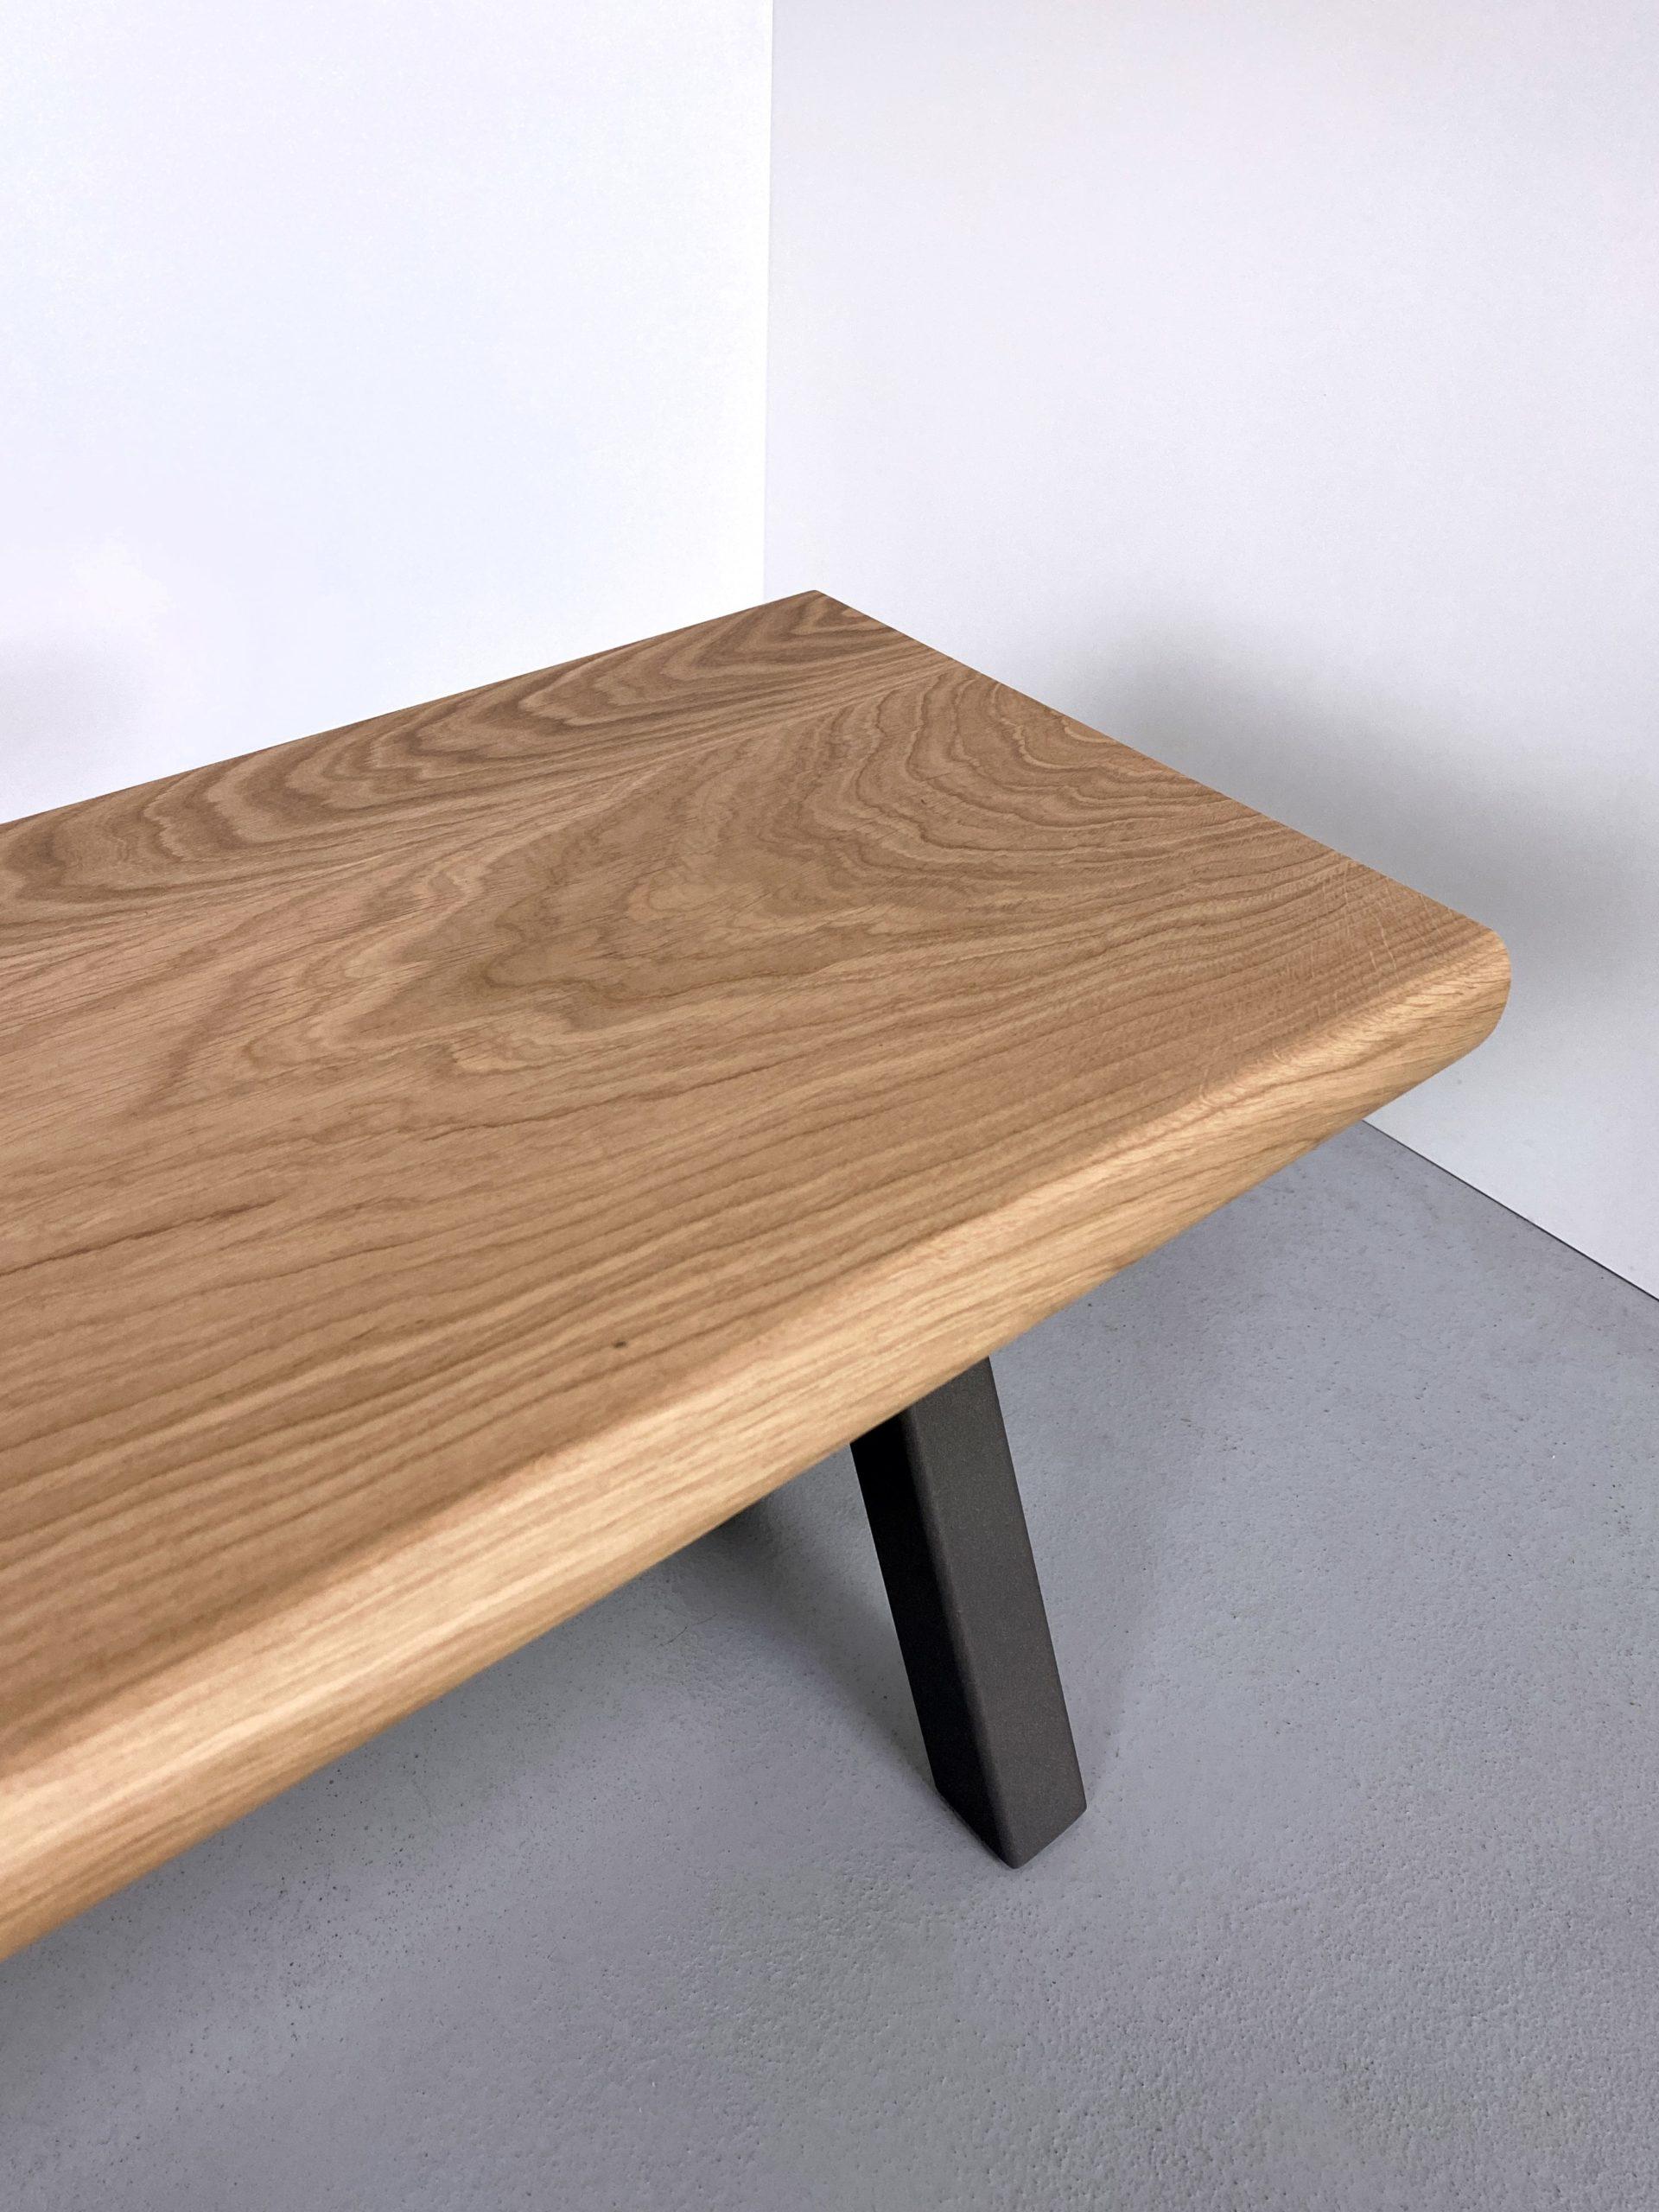 Banc de salle à manger X / acier et bois massif / 160 x P 34 x H 45 cm / ARTMETA